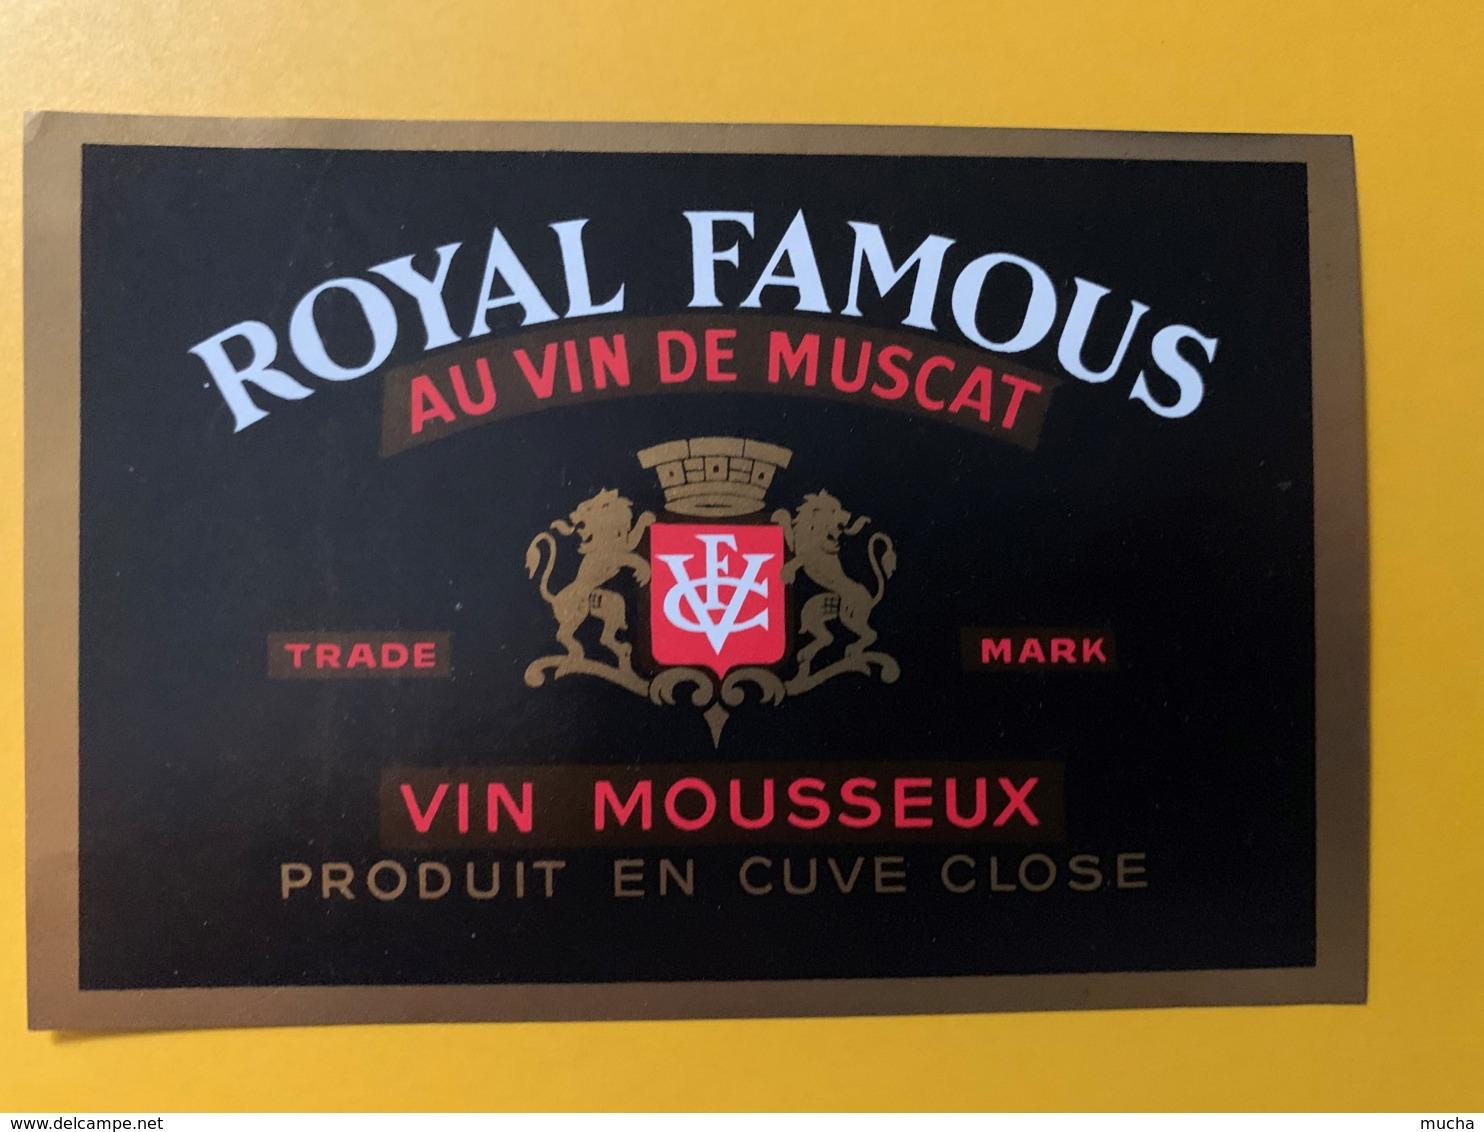 9274 - Royal Famous Au Vin De Muscat Effervescent Canals Rivesaltes 2 étiquettes - Etiquettes